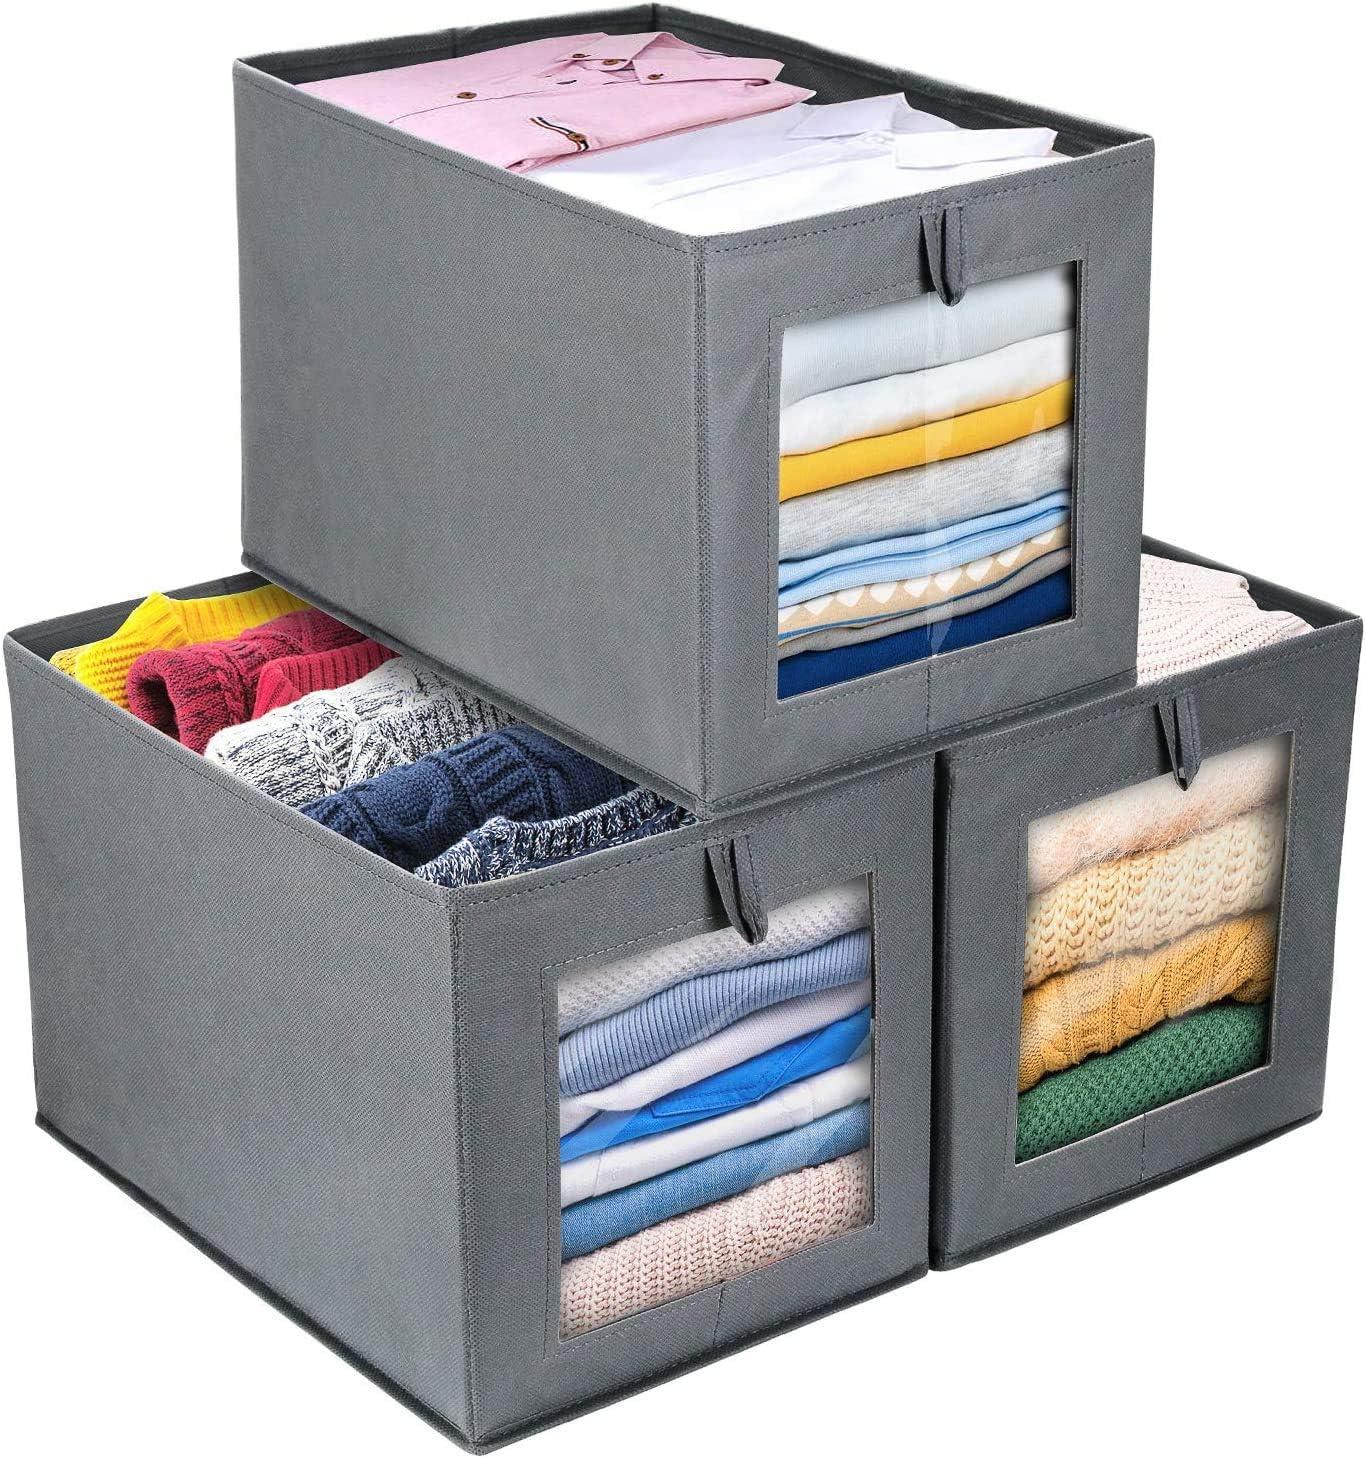 DIMJ Cajas de almacenaje Plegable, Conjunto de 3 Cajas Organizadoras Tela, Cubos de Almacenamiento con Ventana Transparente, Organizadores de Contenedore para Ropa Juguetes Libros